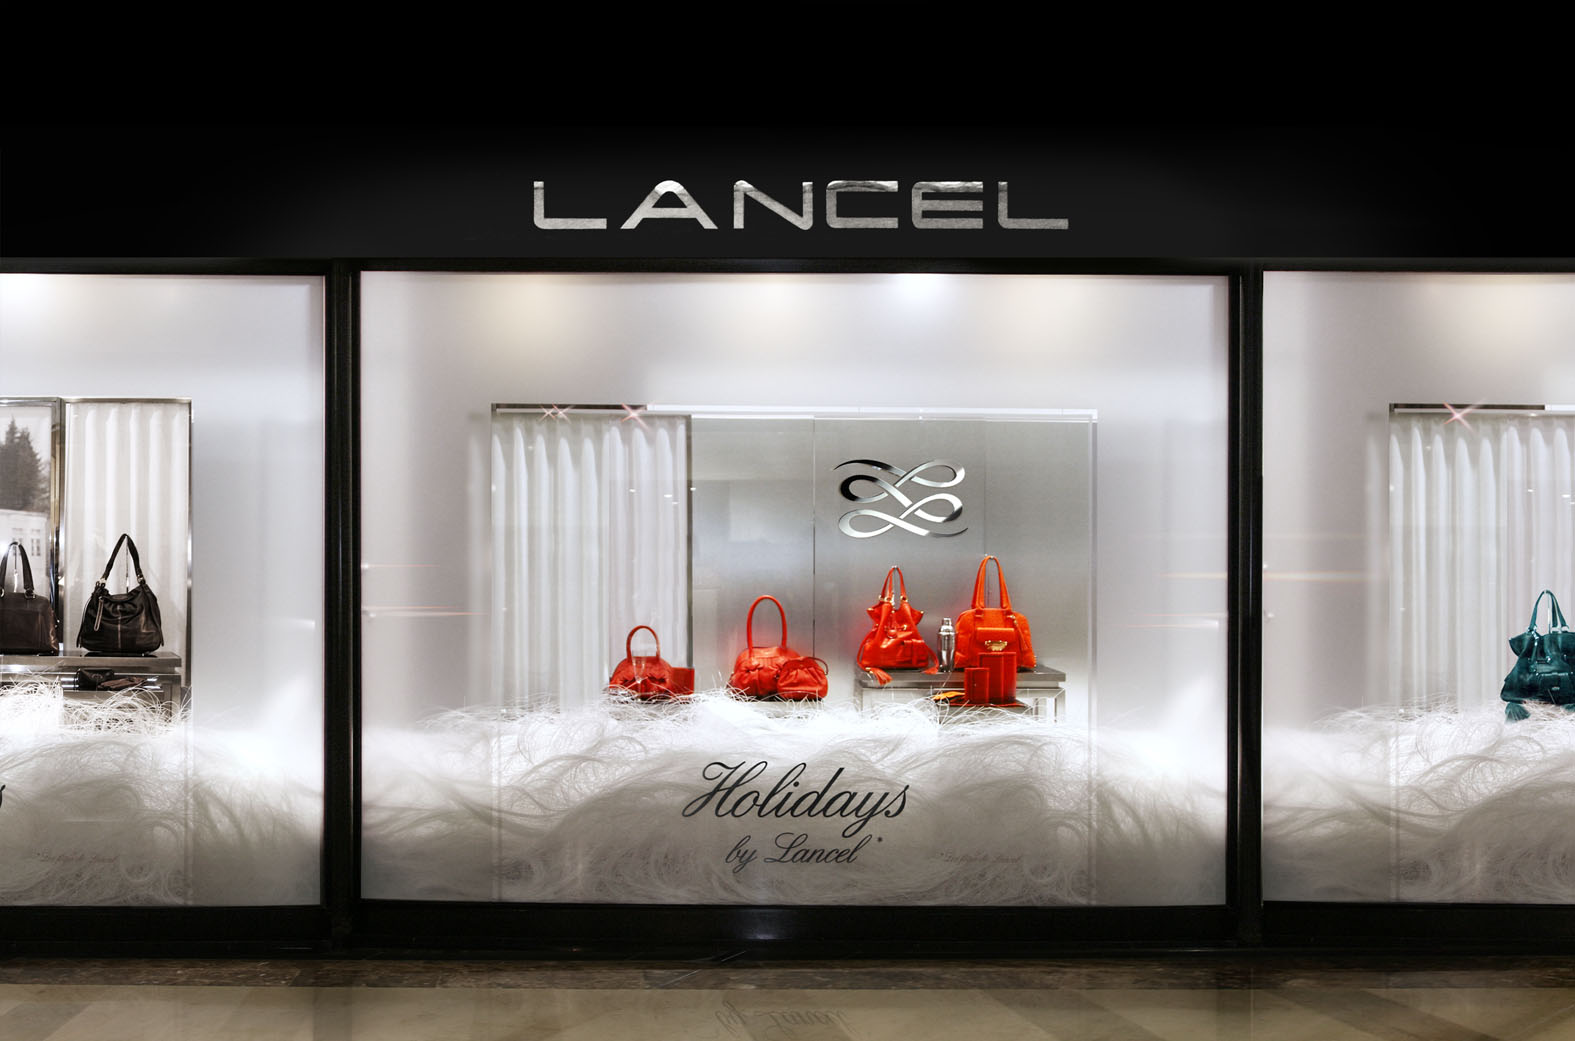 Mais le groupe suisse Richemont a décidé de conserver la cél¨bre marque Lancel C est ce qu a indiqué ce vendredi Gary Saage le directeur financier